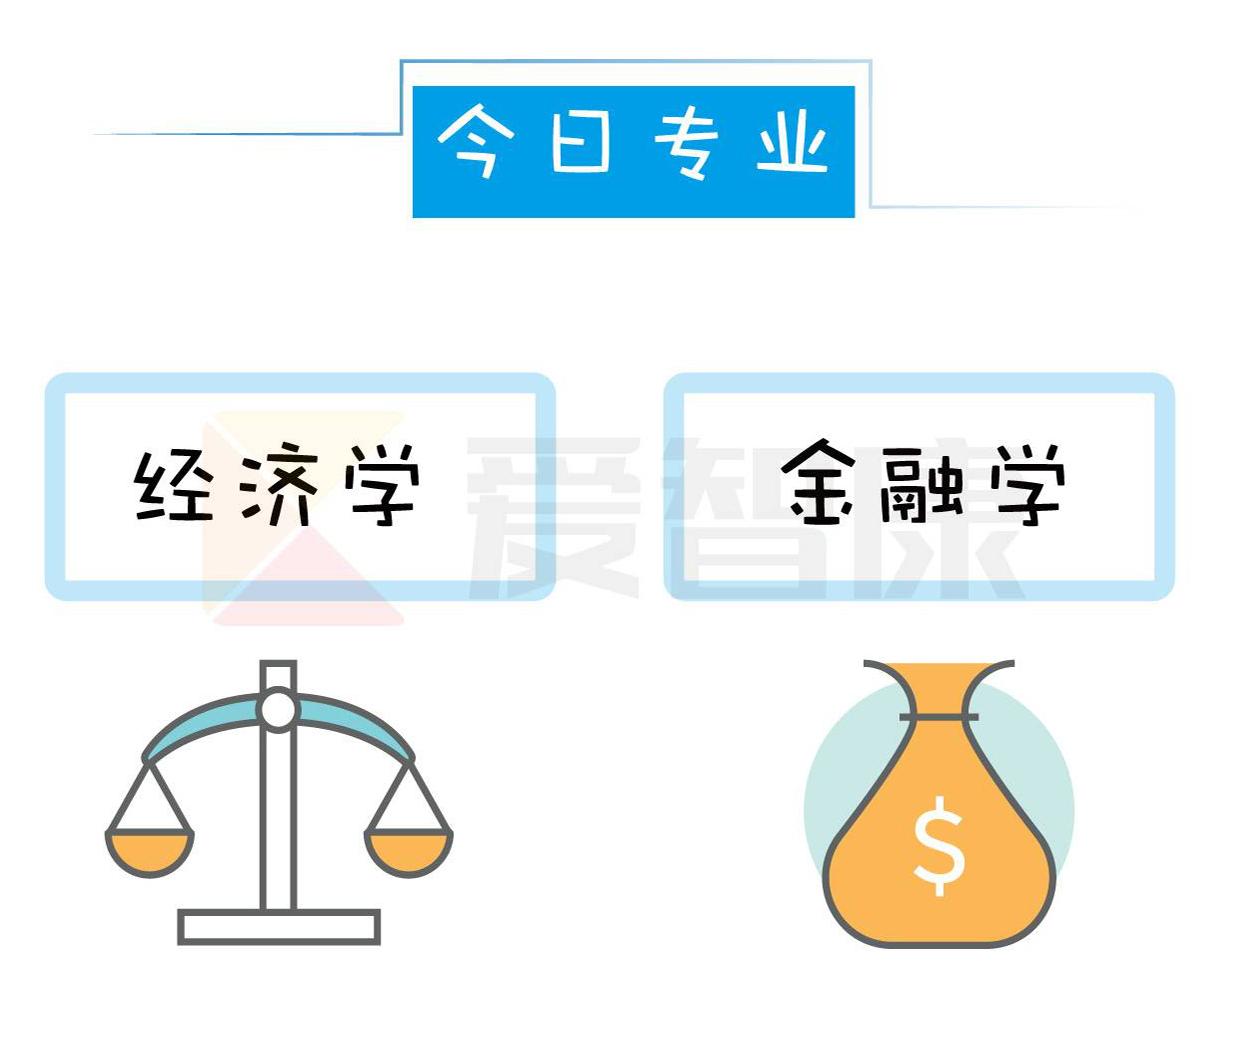 金融学与经济学专业